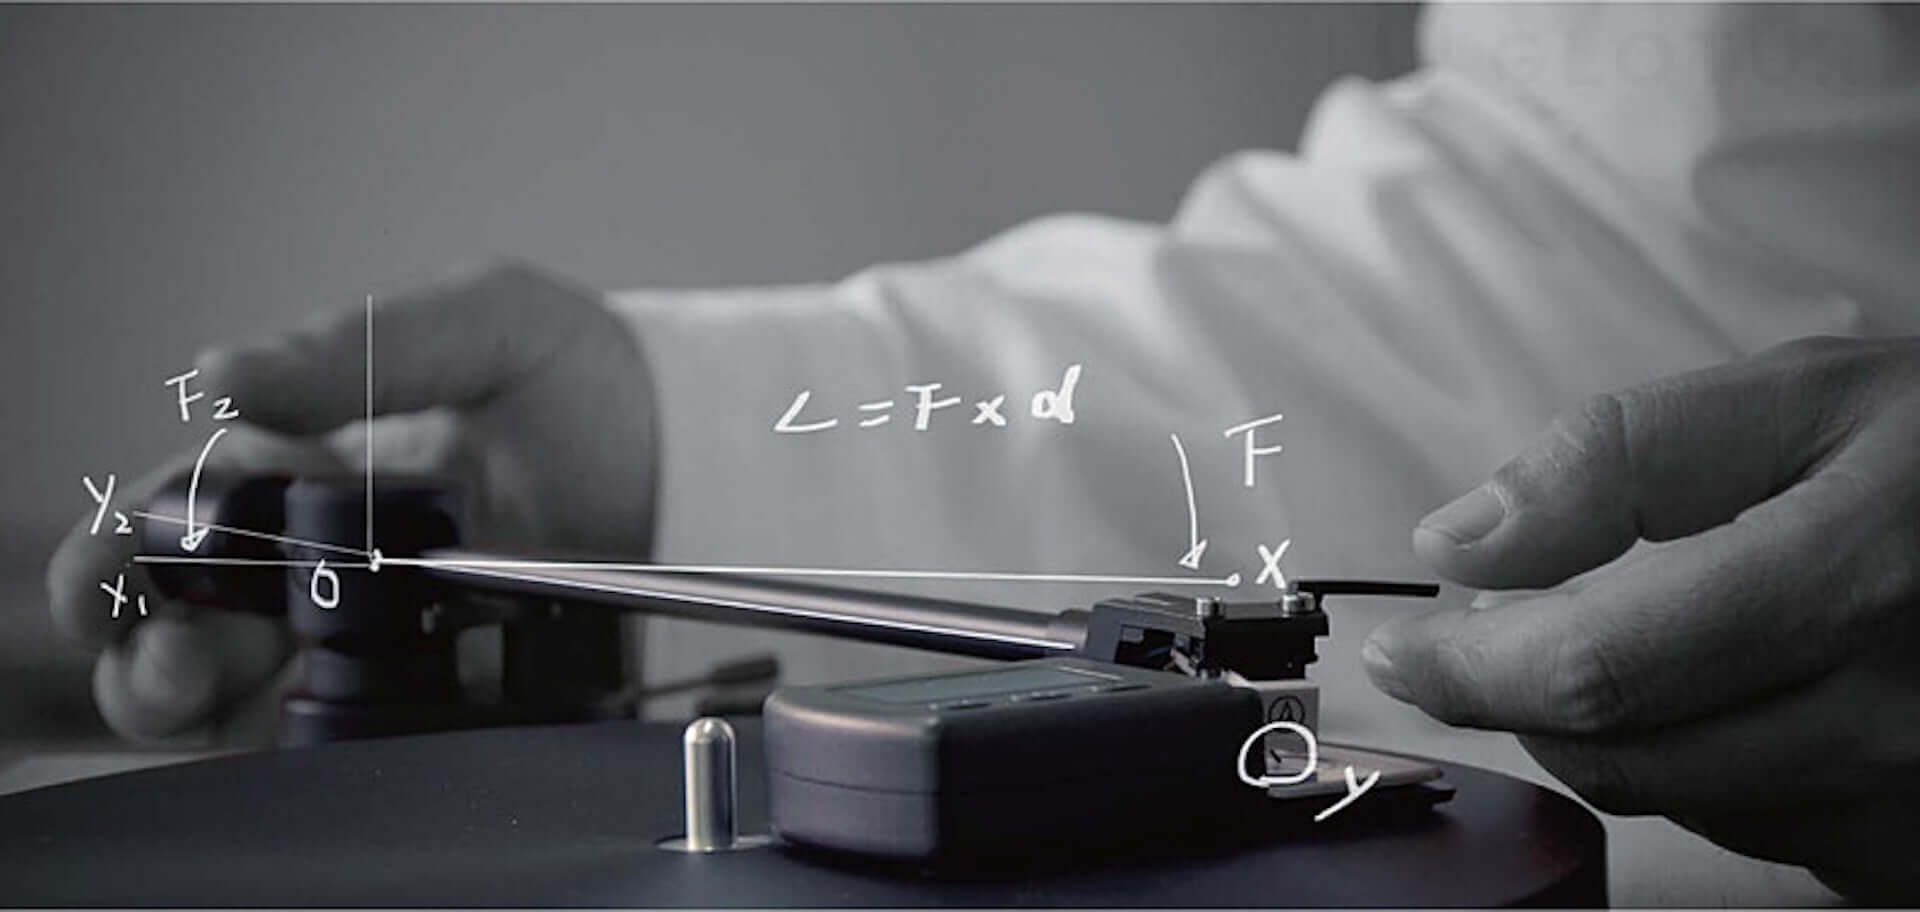 レコードもスマートフォンの音楽もこれ1つで!スピーカー内蔵型レコードプレイヤーがGLOTURE.JPにて販売開始 tech200520_hymseed_11-1920x912